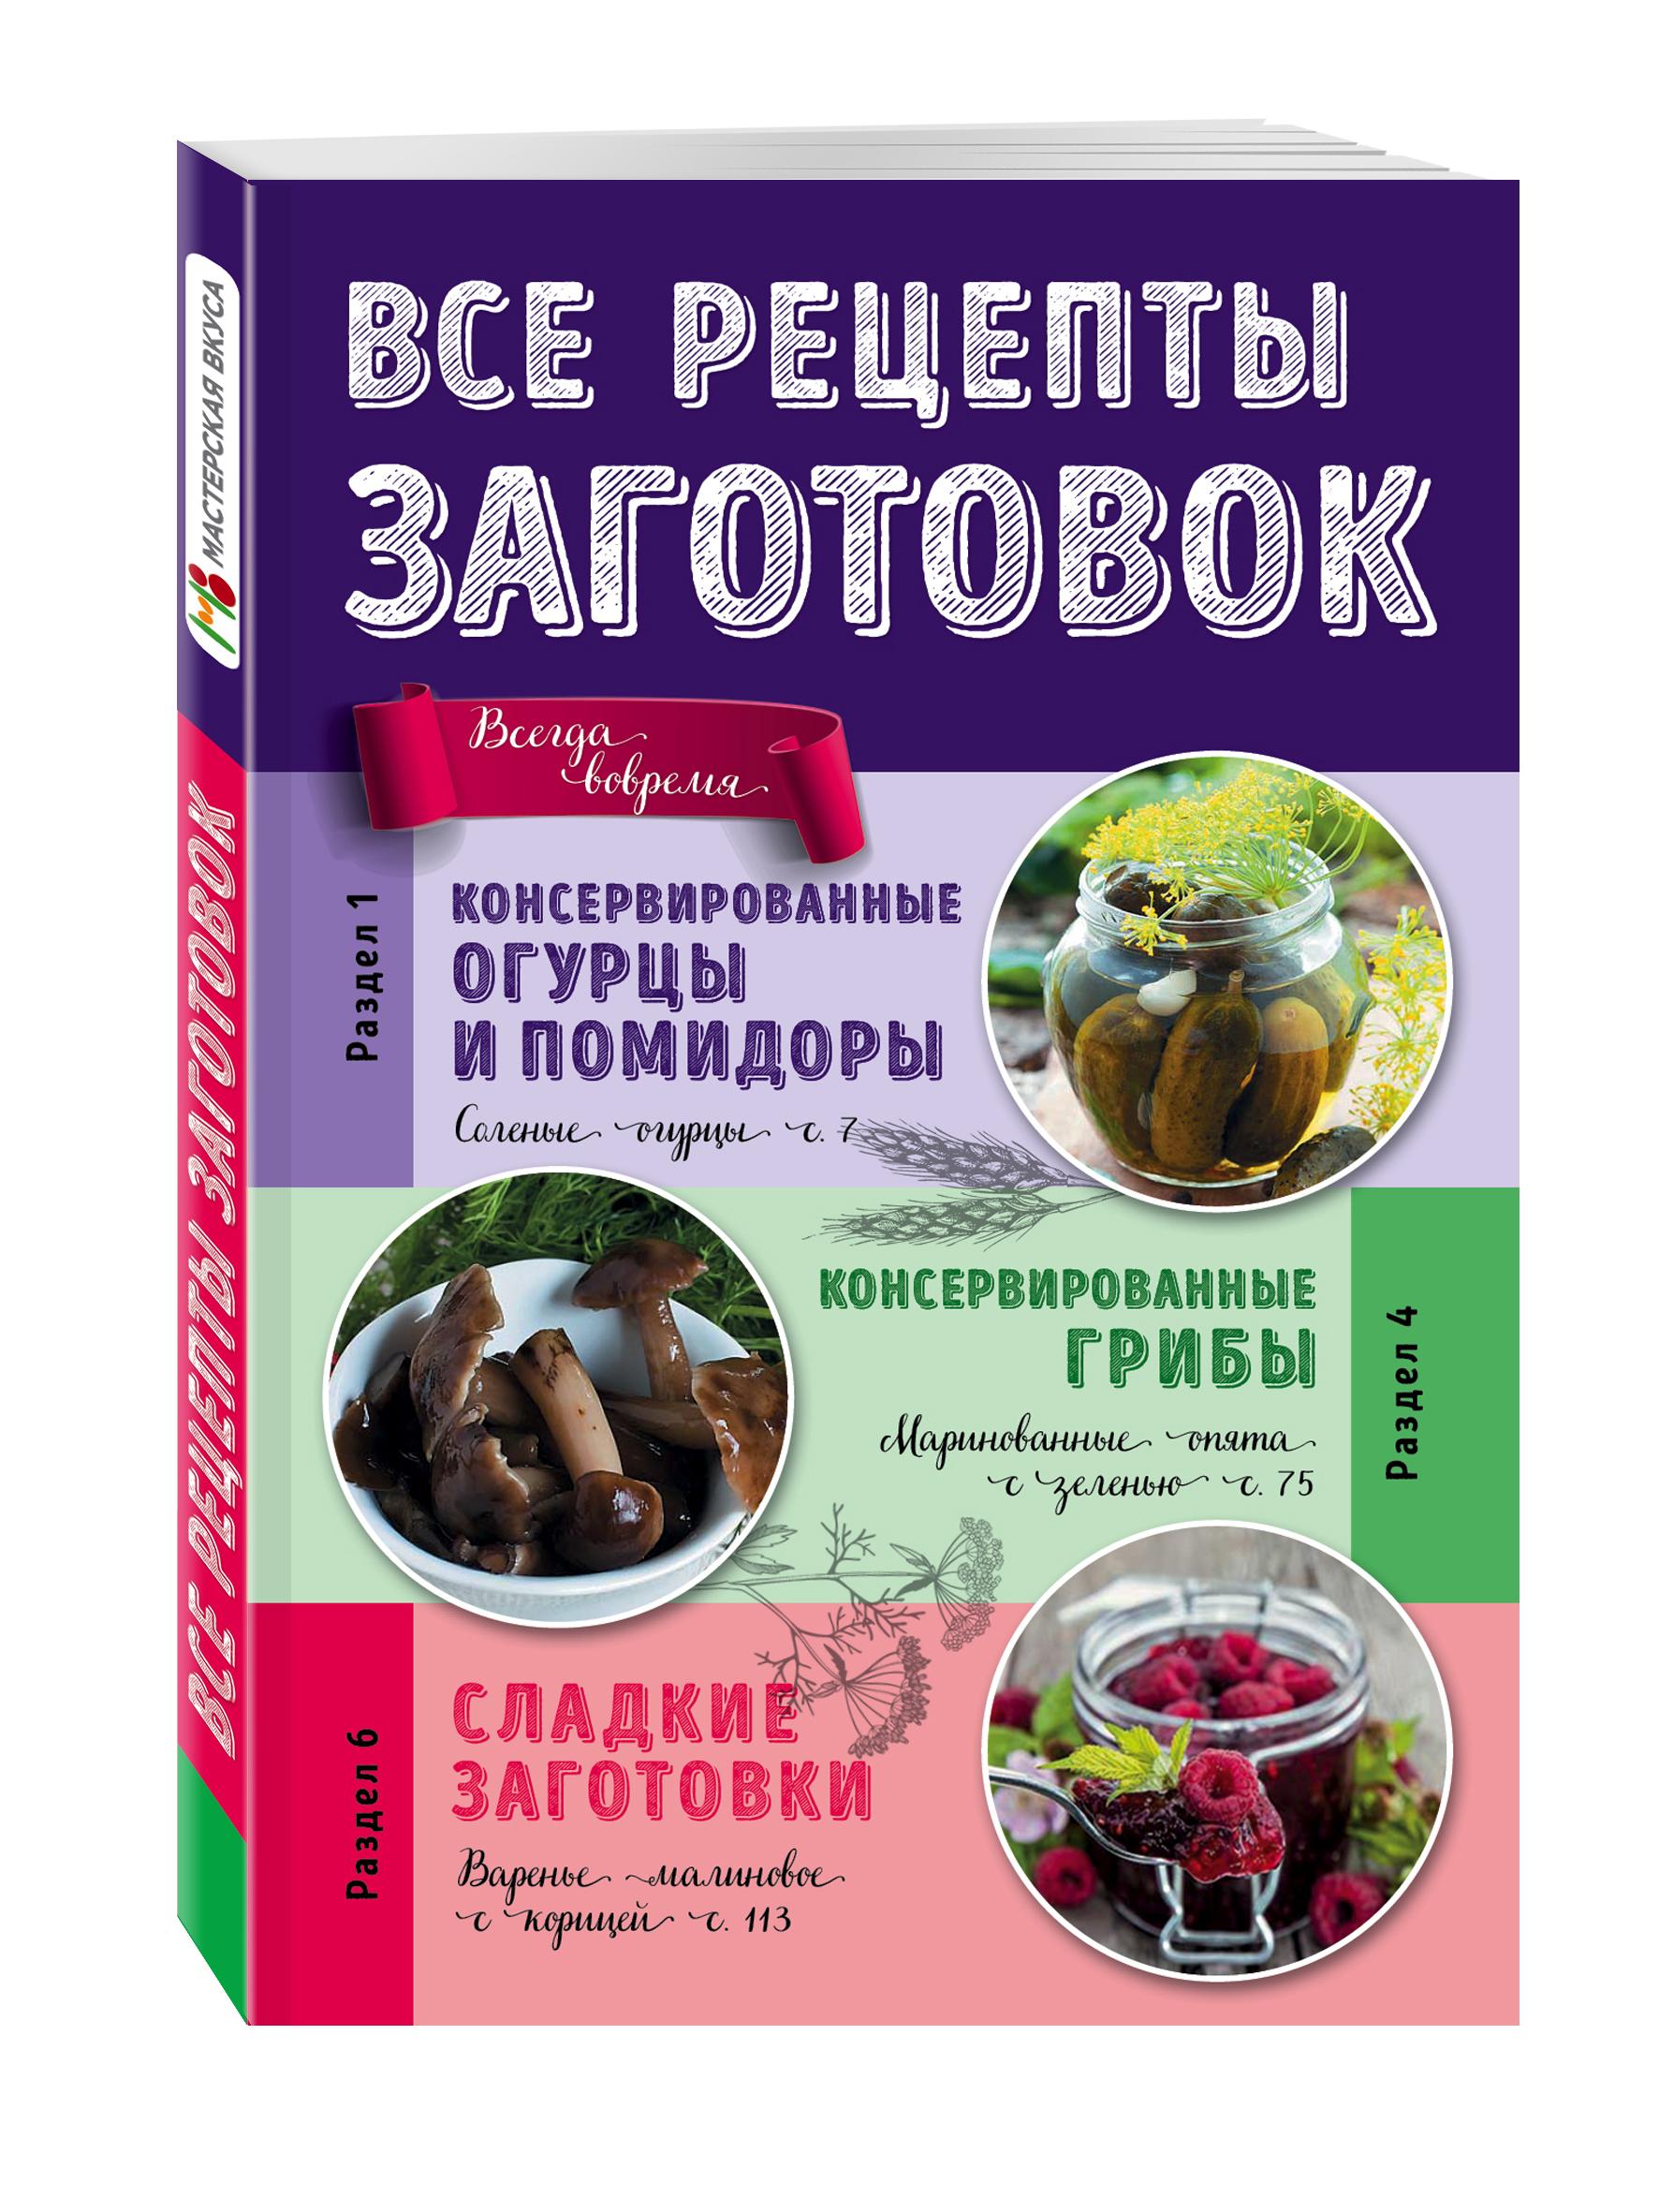 Все рецепты заготовок казачьи разносолы огурцы бочковые соленые 920 г